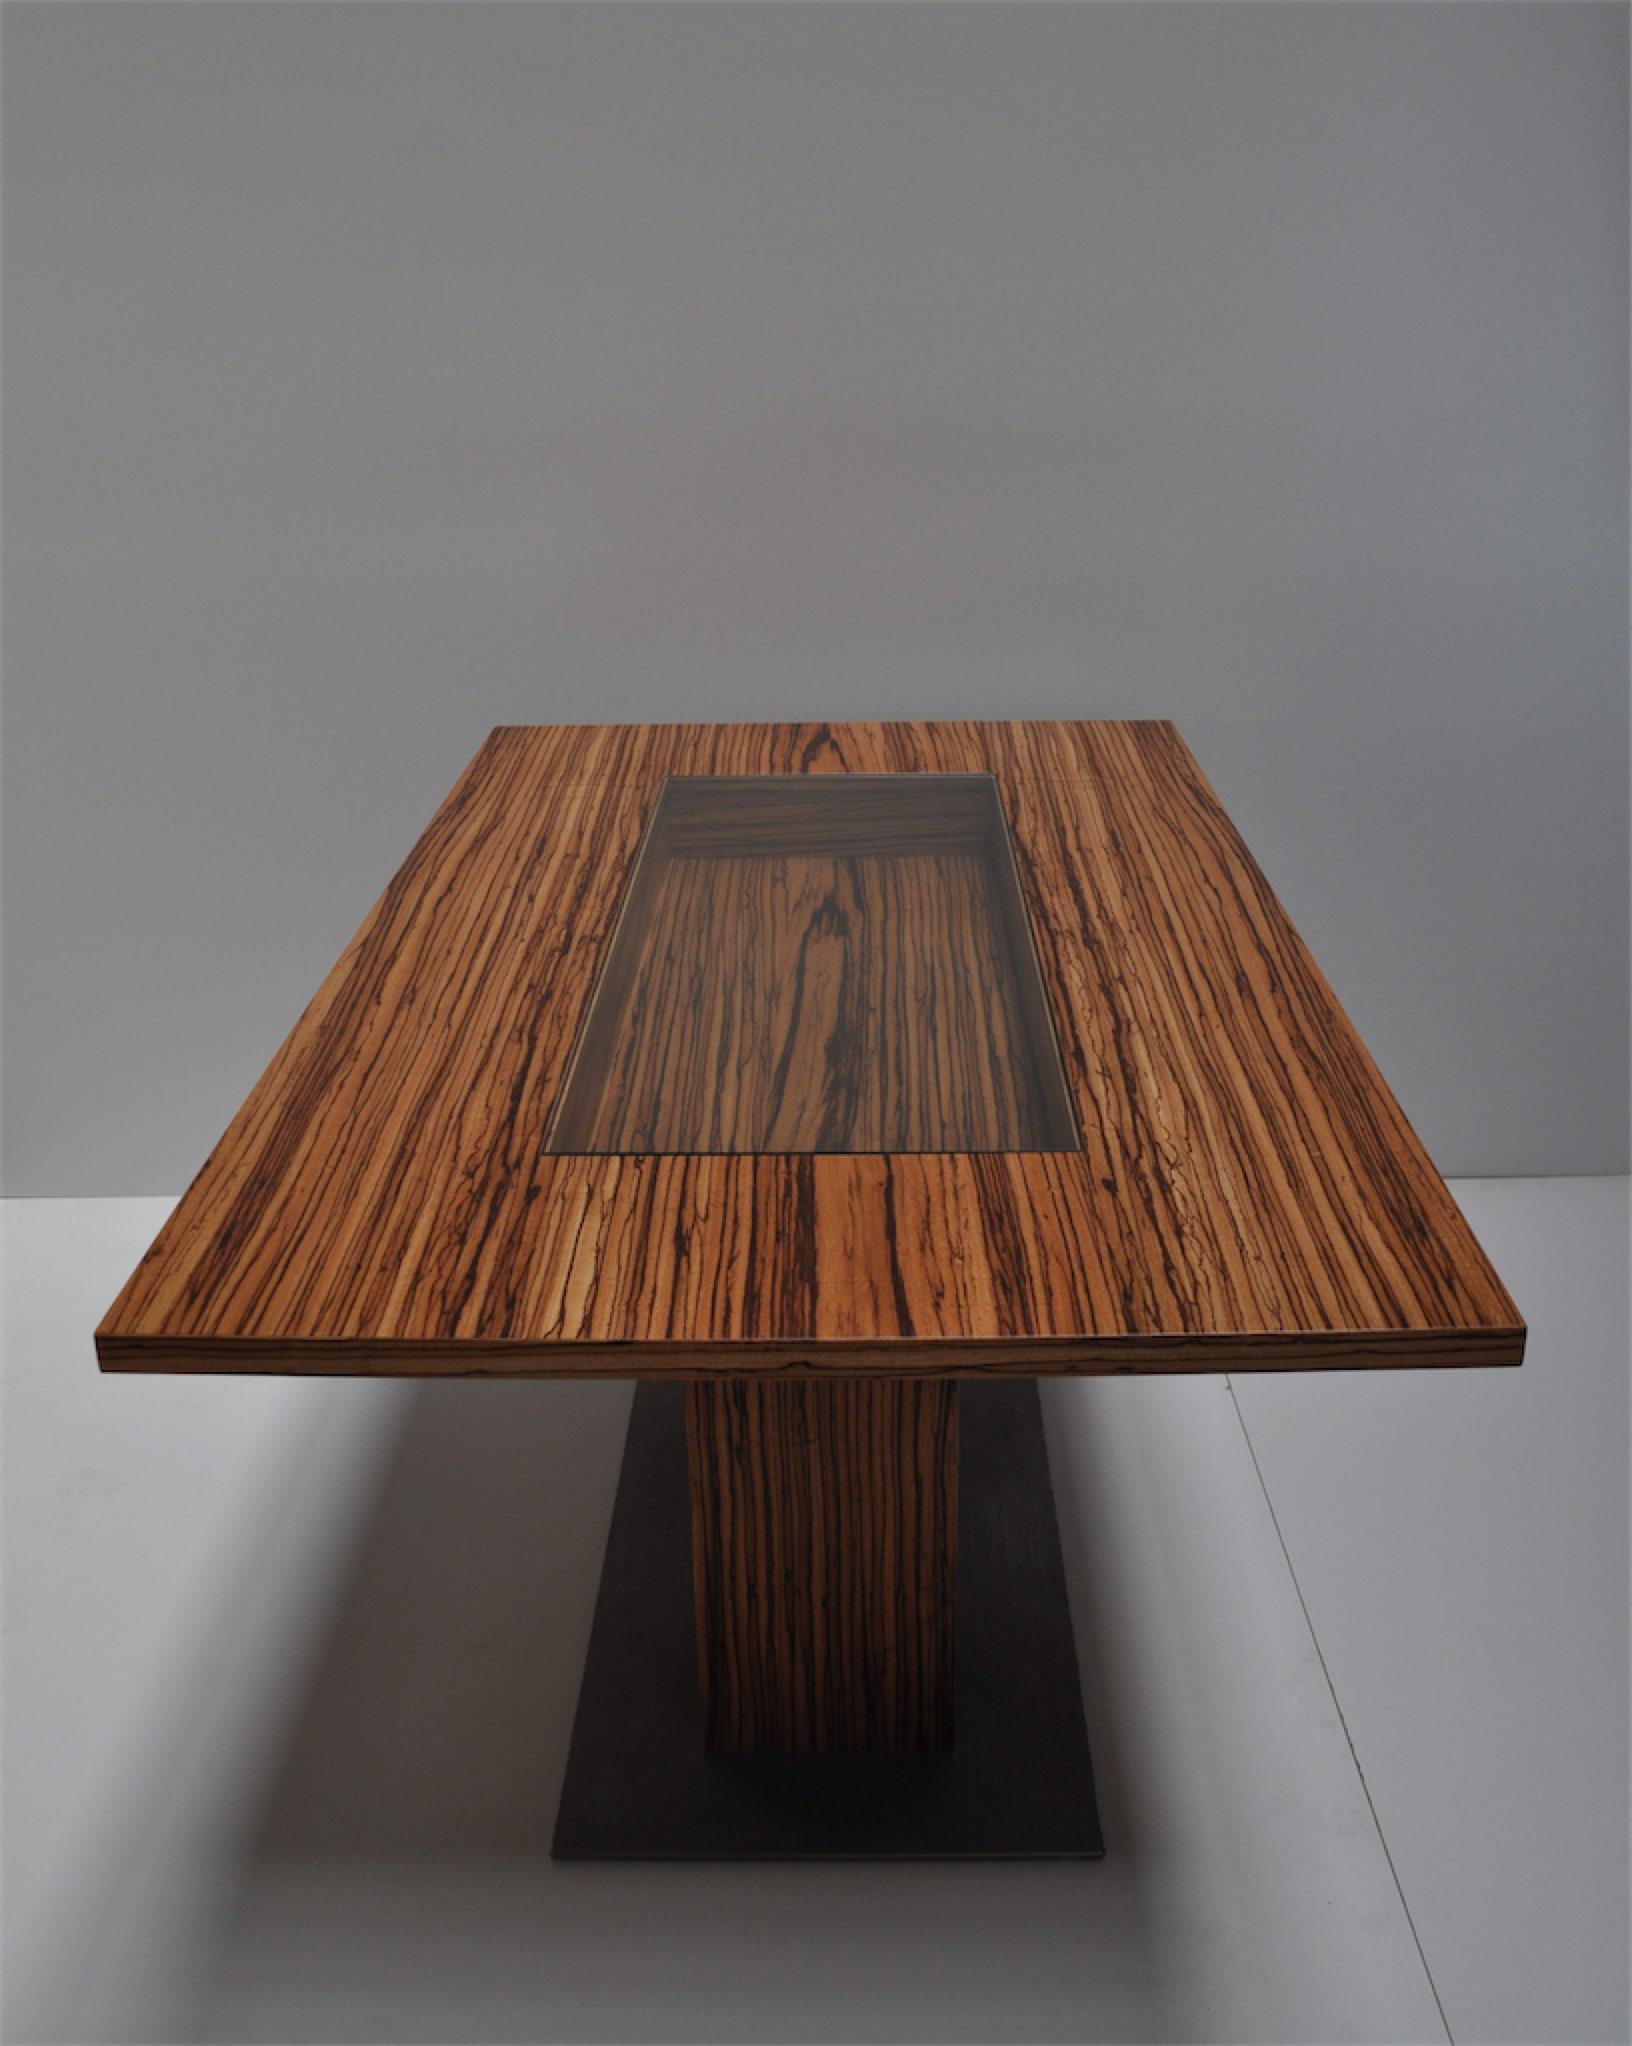 Tisch mit Glaseinlage